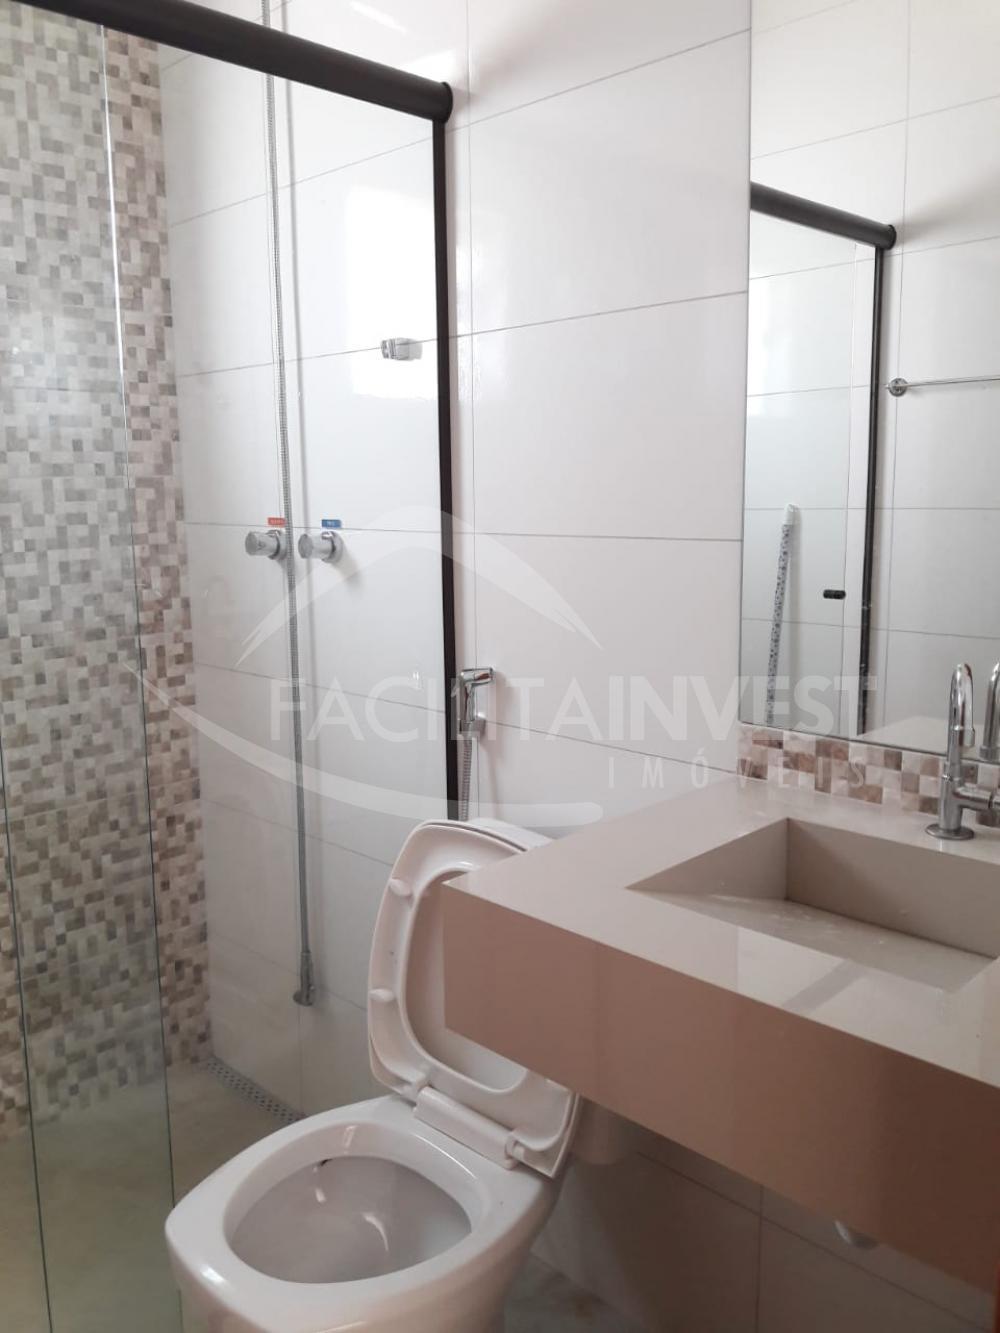 Comprar Casa Padrão / Casa Padrão em Ribeirão Preto apenas R$ 690.000,00 - Foto 11